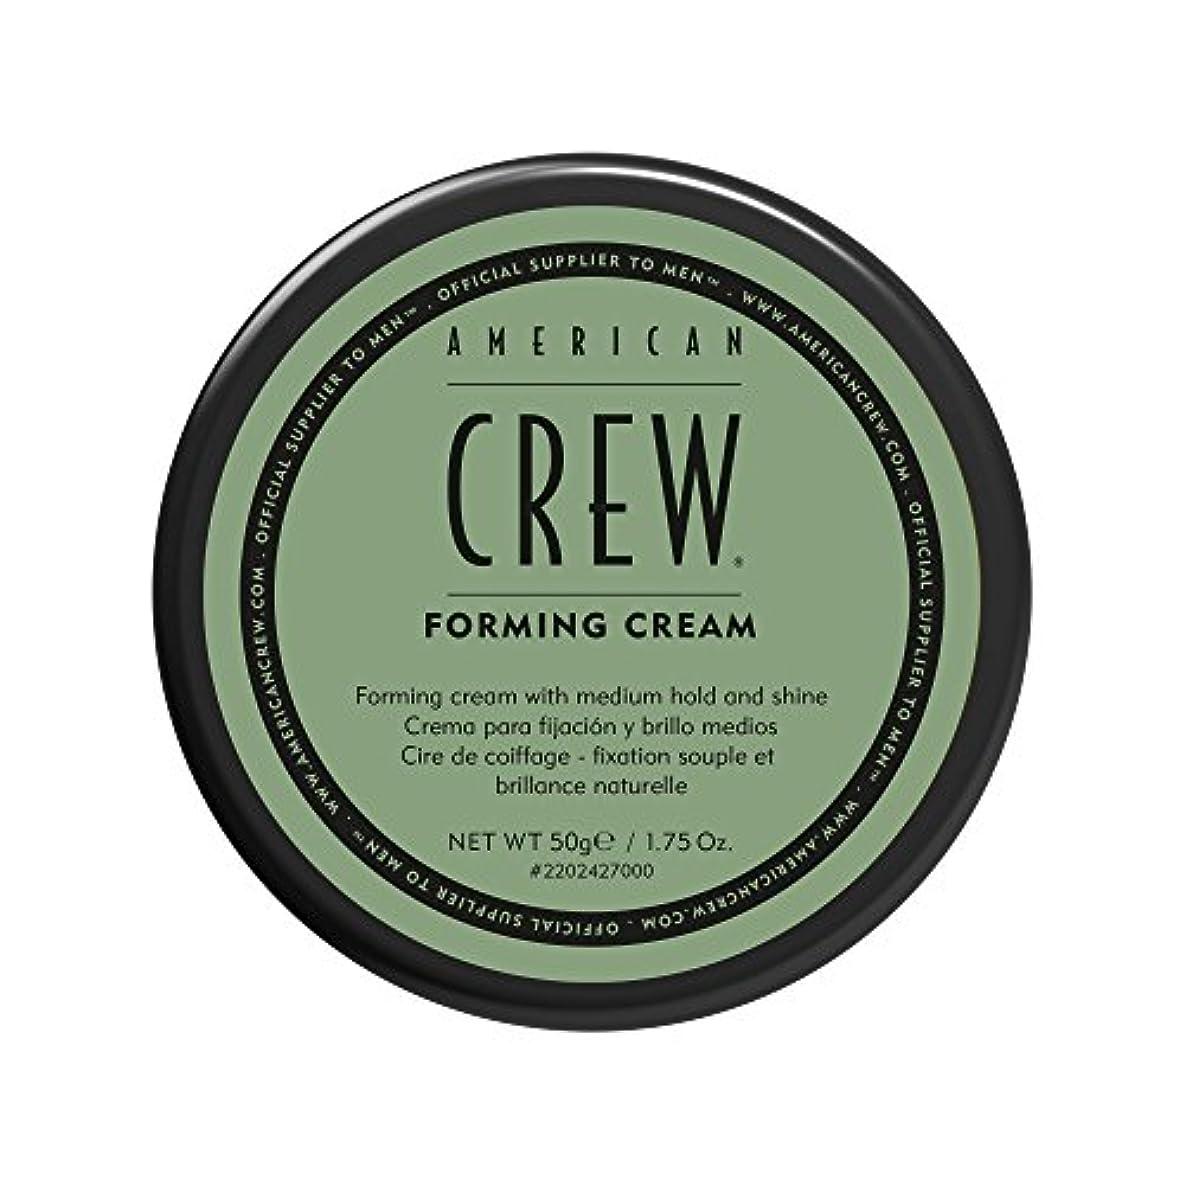 プライム科学オセアニアby American Crew FORMING CREAM 1.75 OZ by AMERICAN CREW